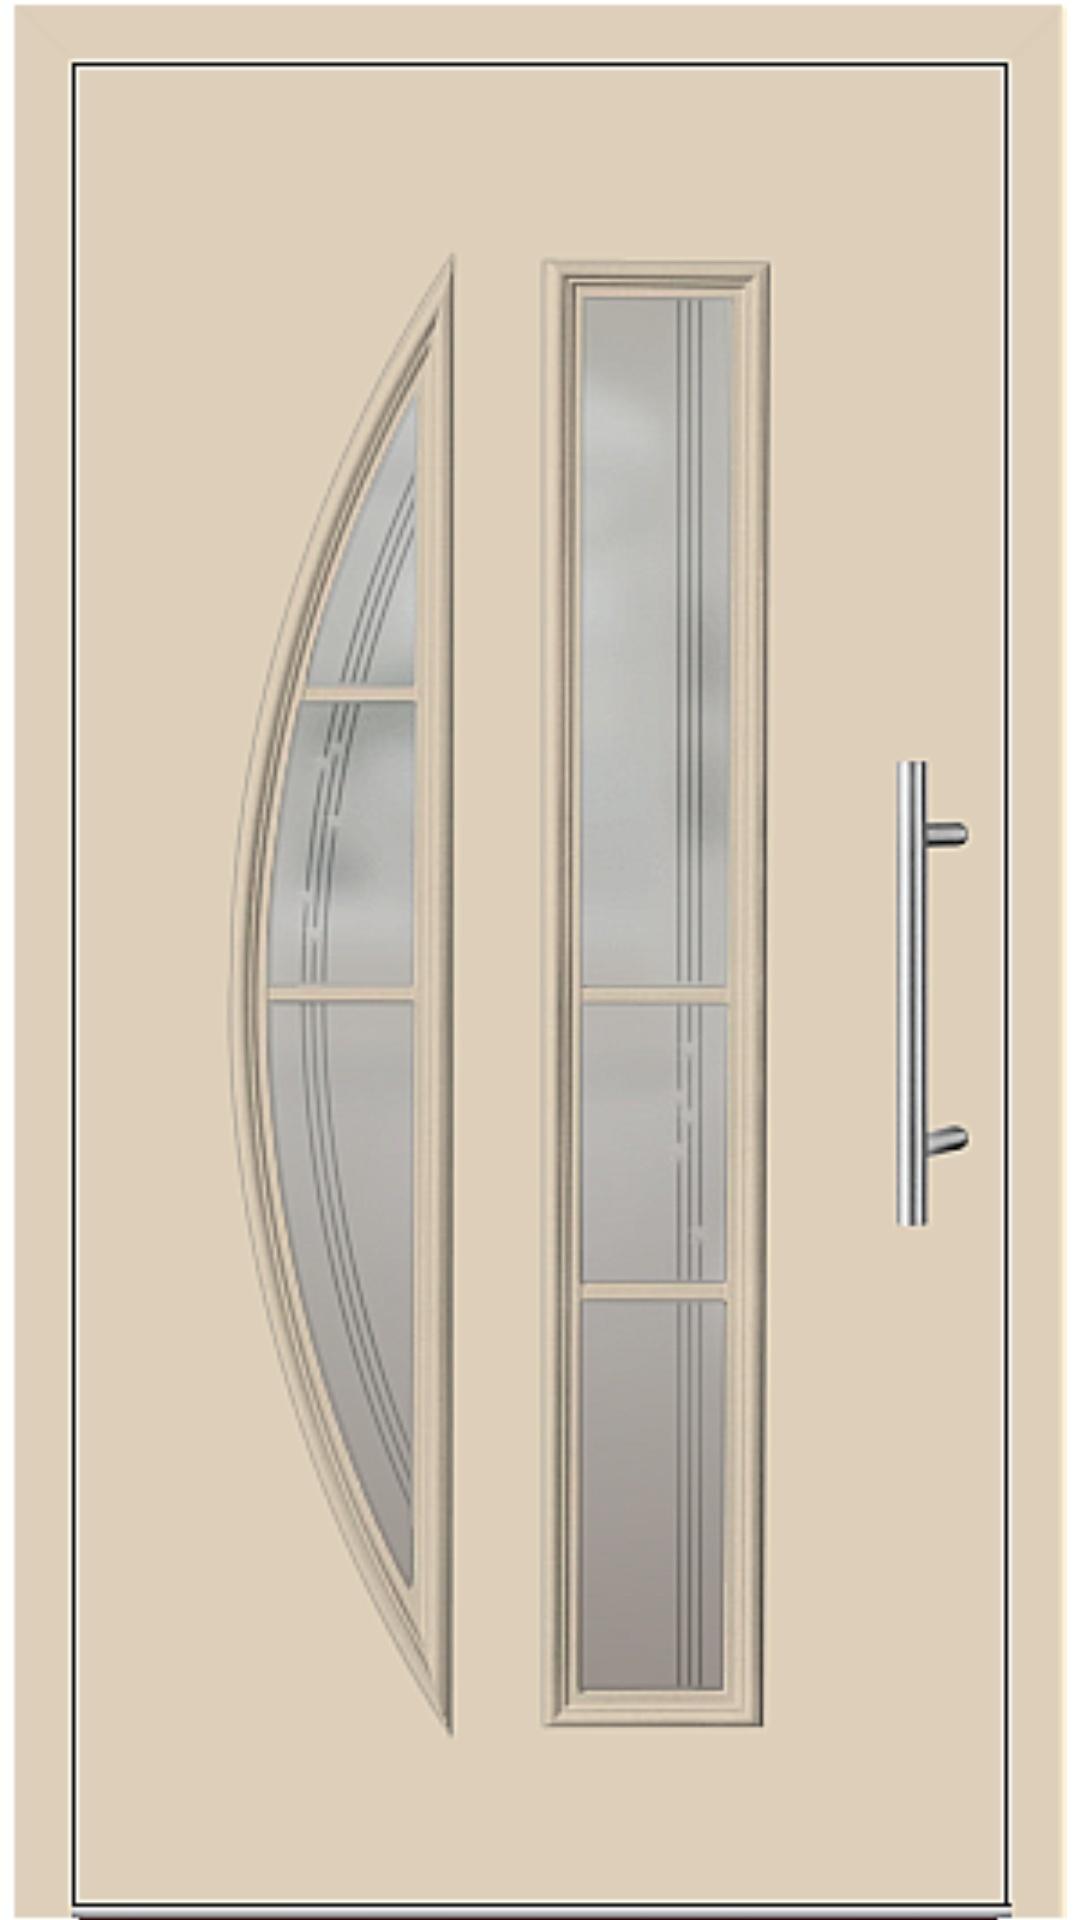 Kunststoff Haustür Modell 6525-65 beige